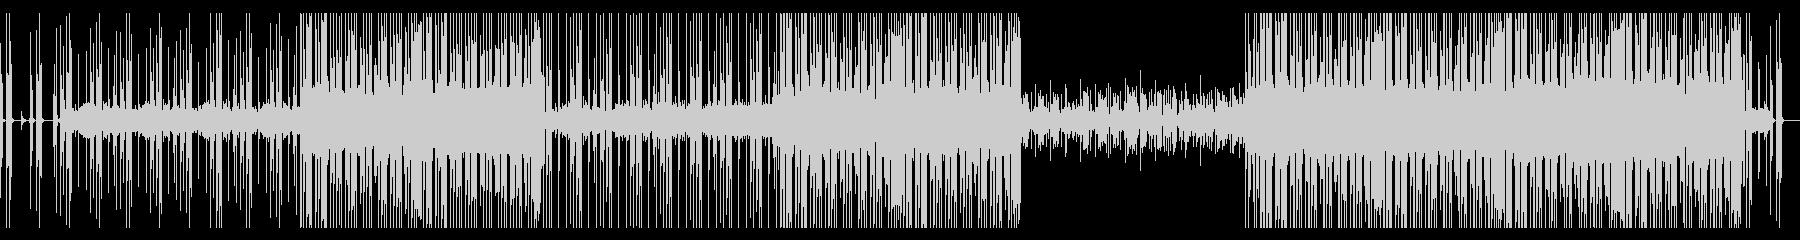 軽快なポップジャズフュージョンの未再生の波形